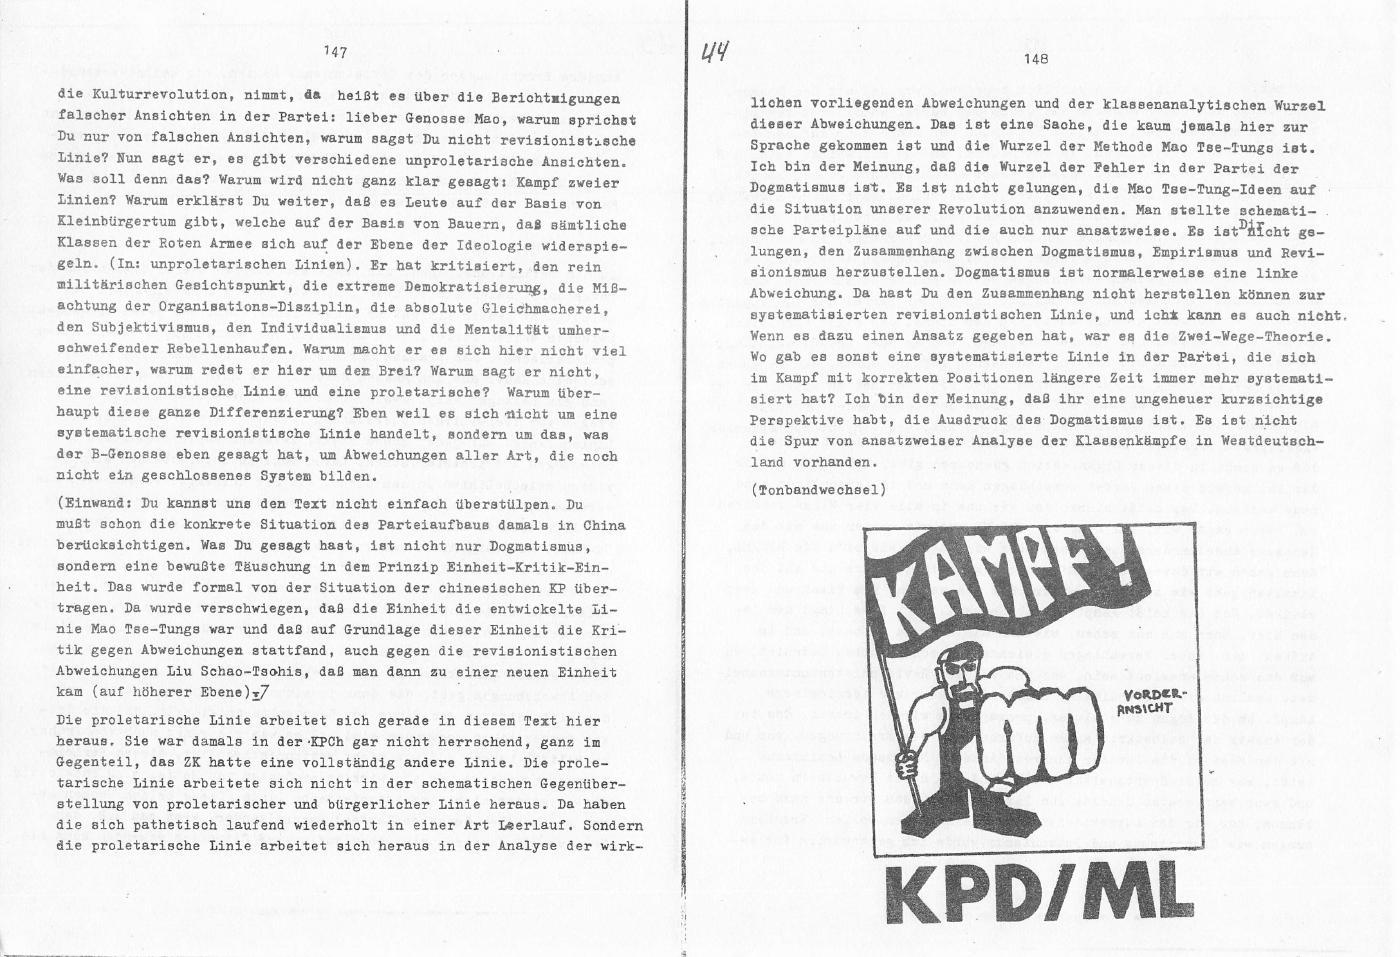 KPDML_1971_Wortprotokolle_aoPt_114